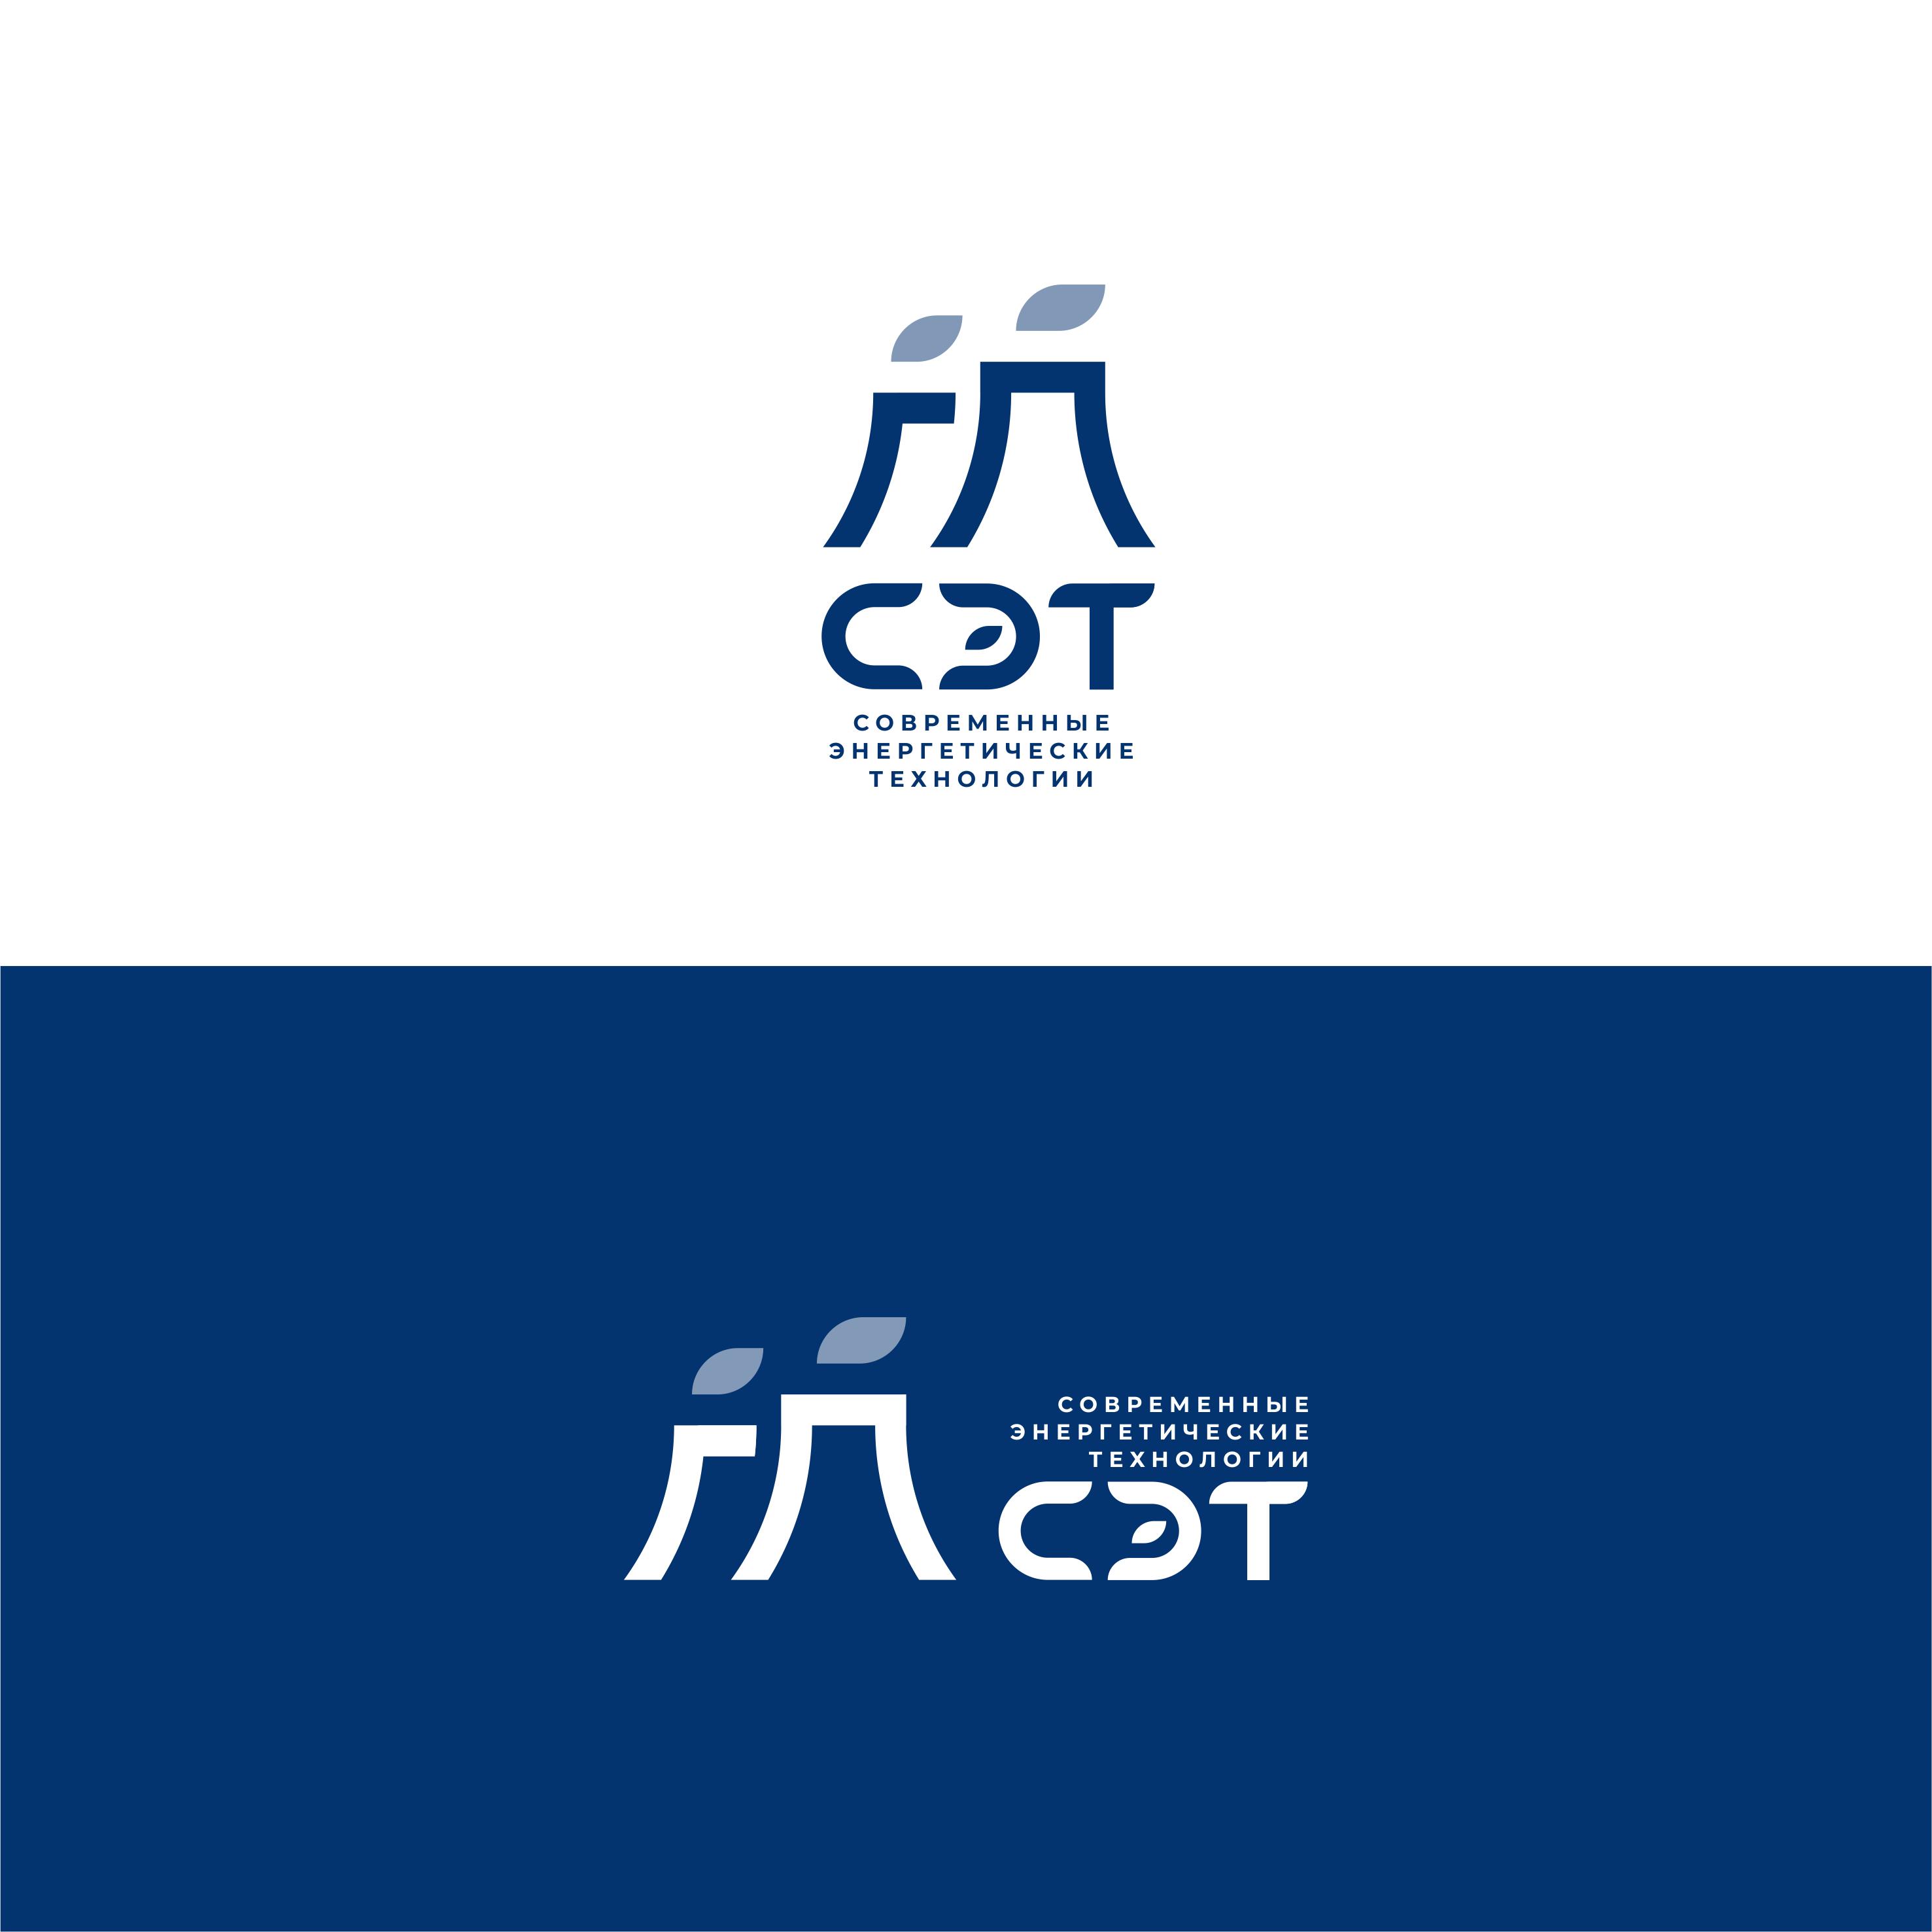 Срочно! Дизайн логотипа ООО «СЭТ» фото f_4195d4c728f32c3a.png